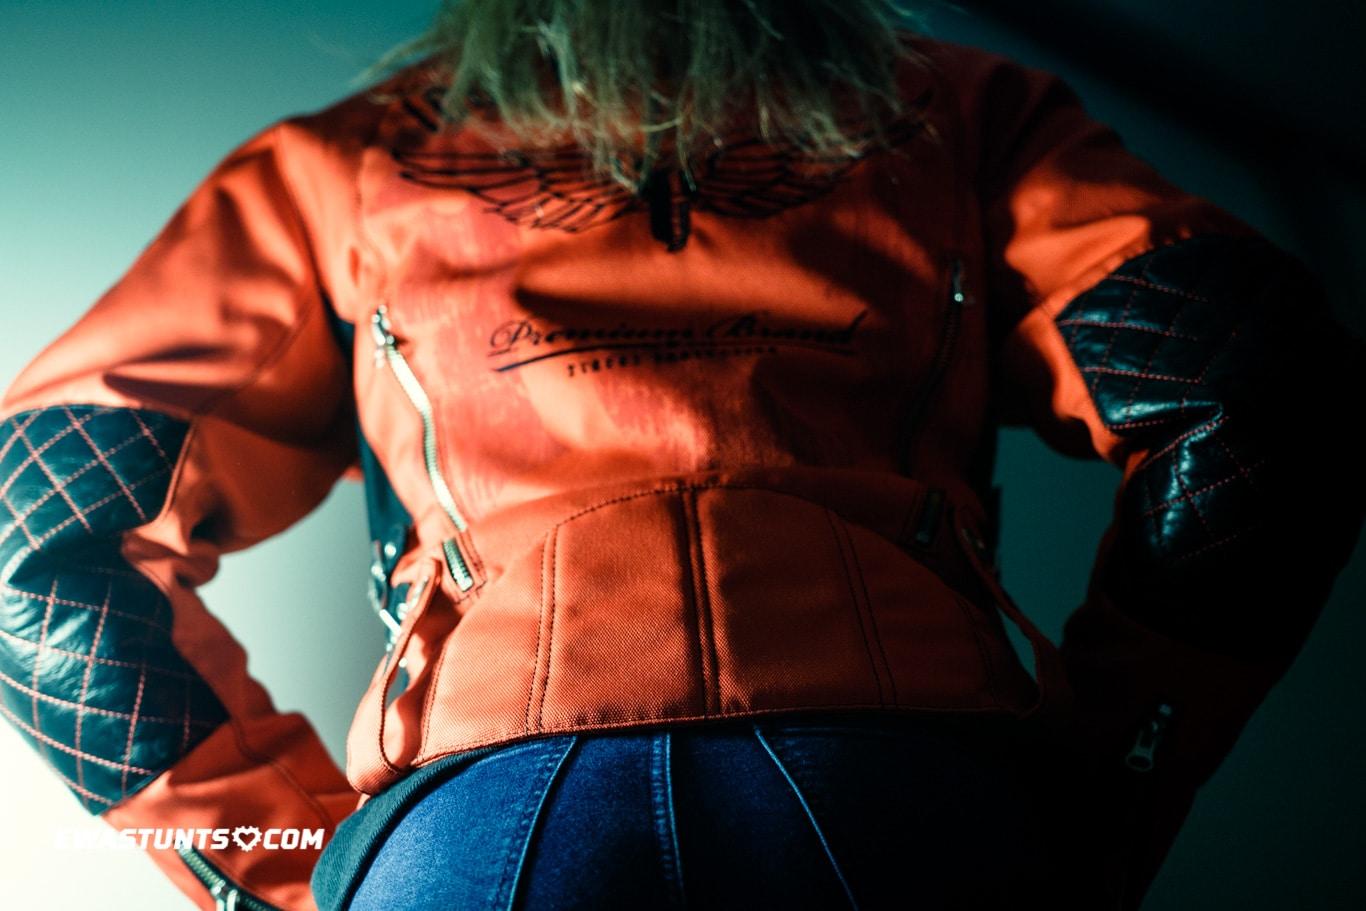 ewastunts_icon_jacket-34